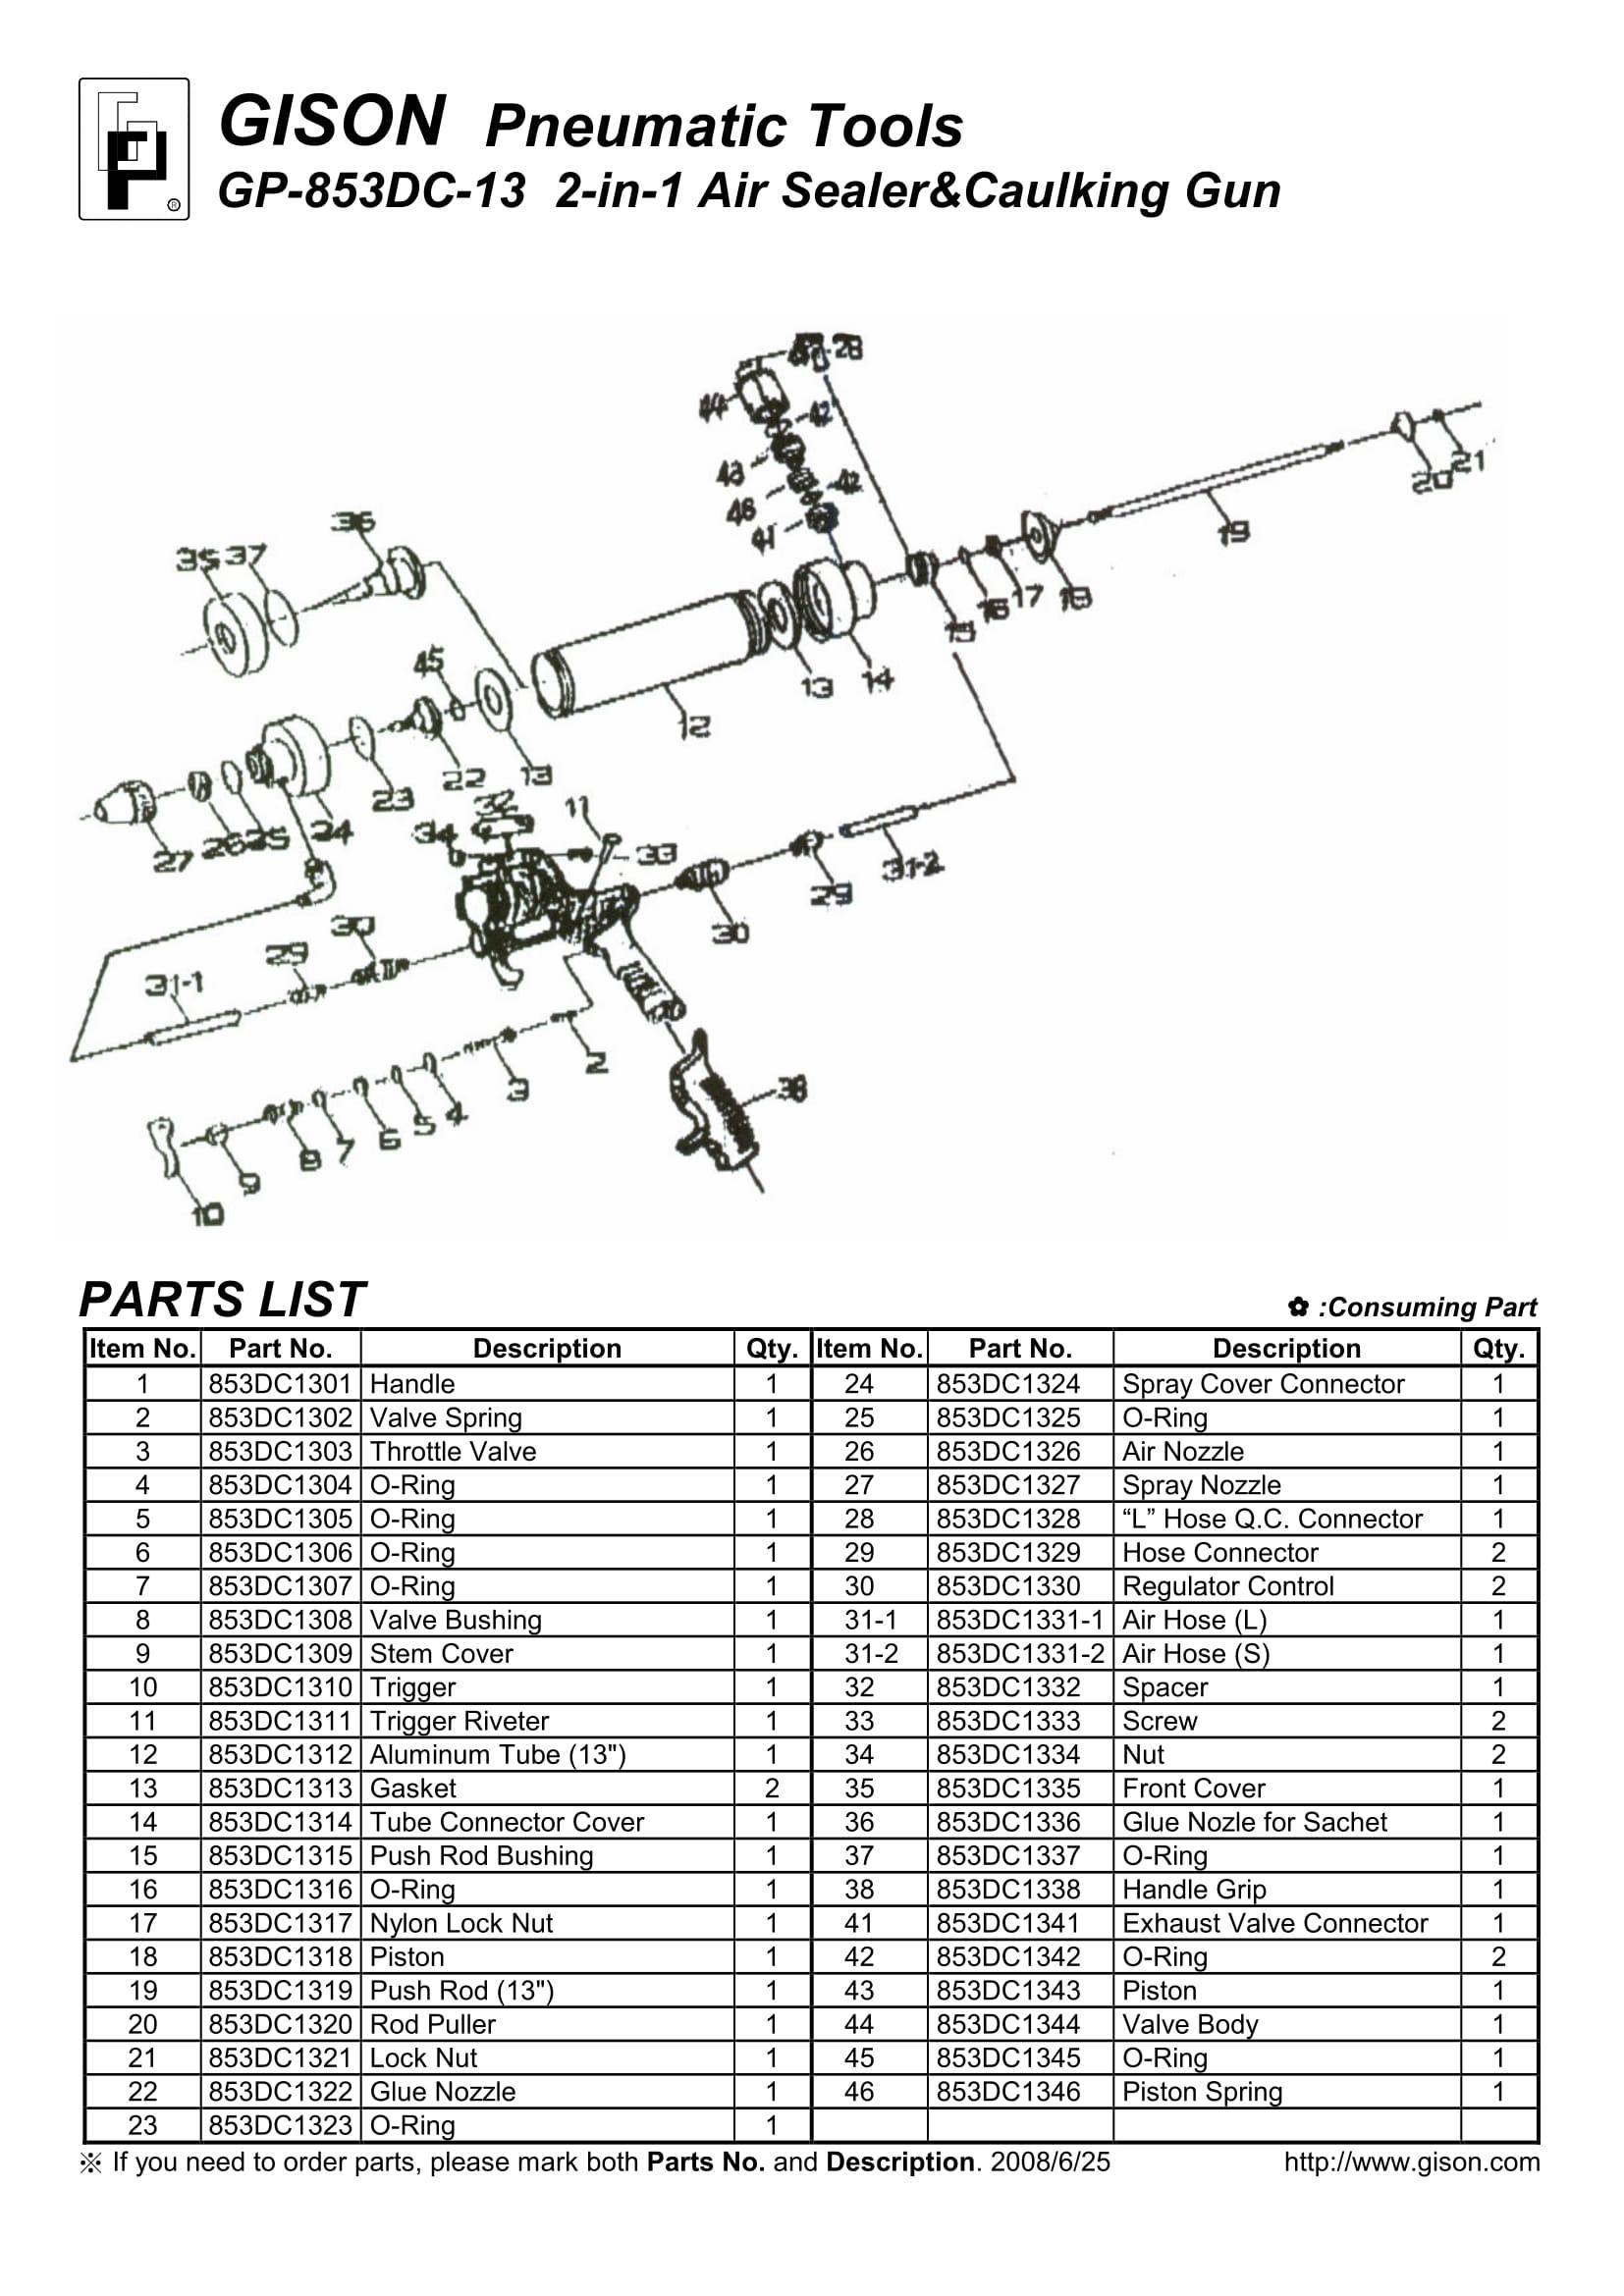 نقشه انفجاری چسب زن بادی GP-853DC